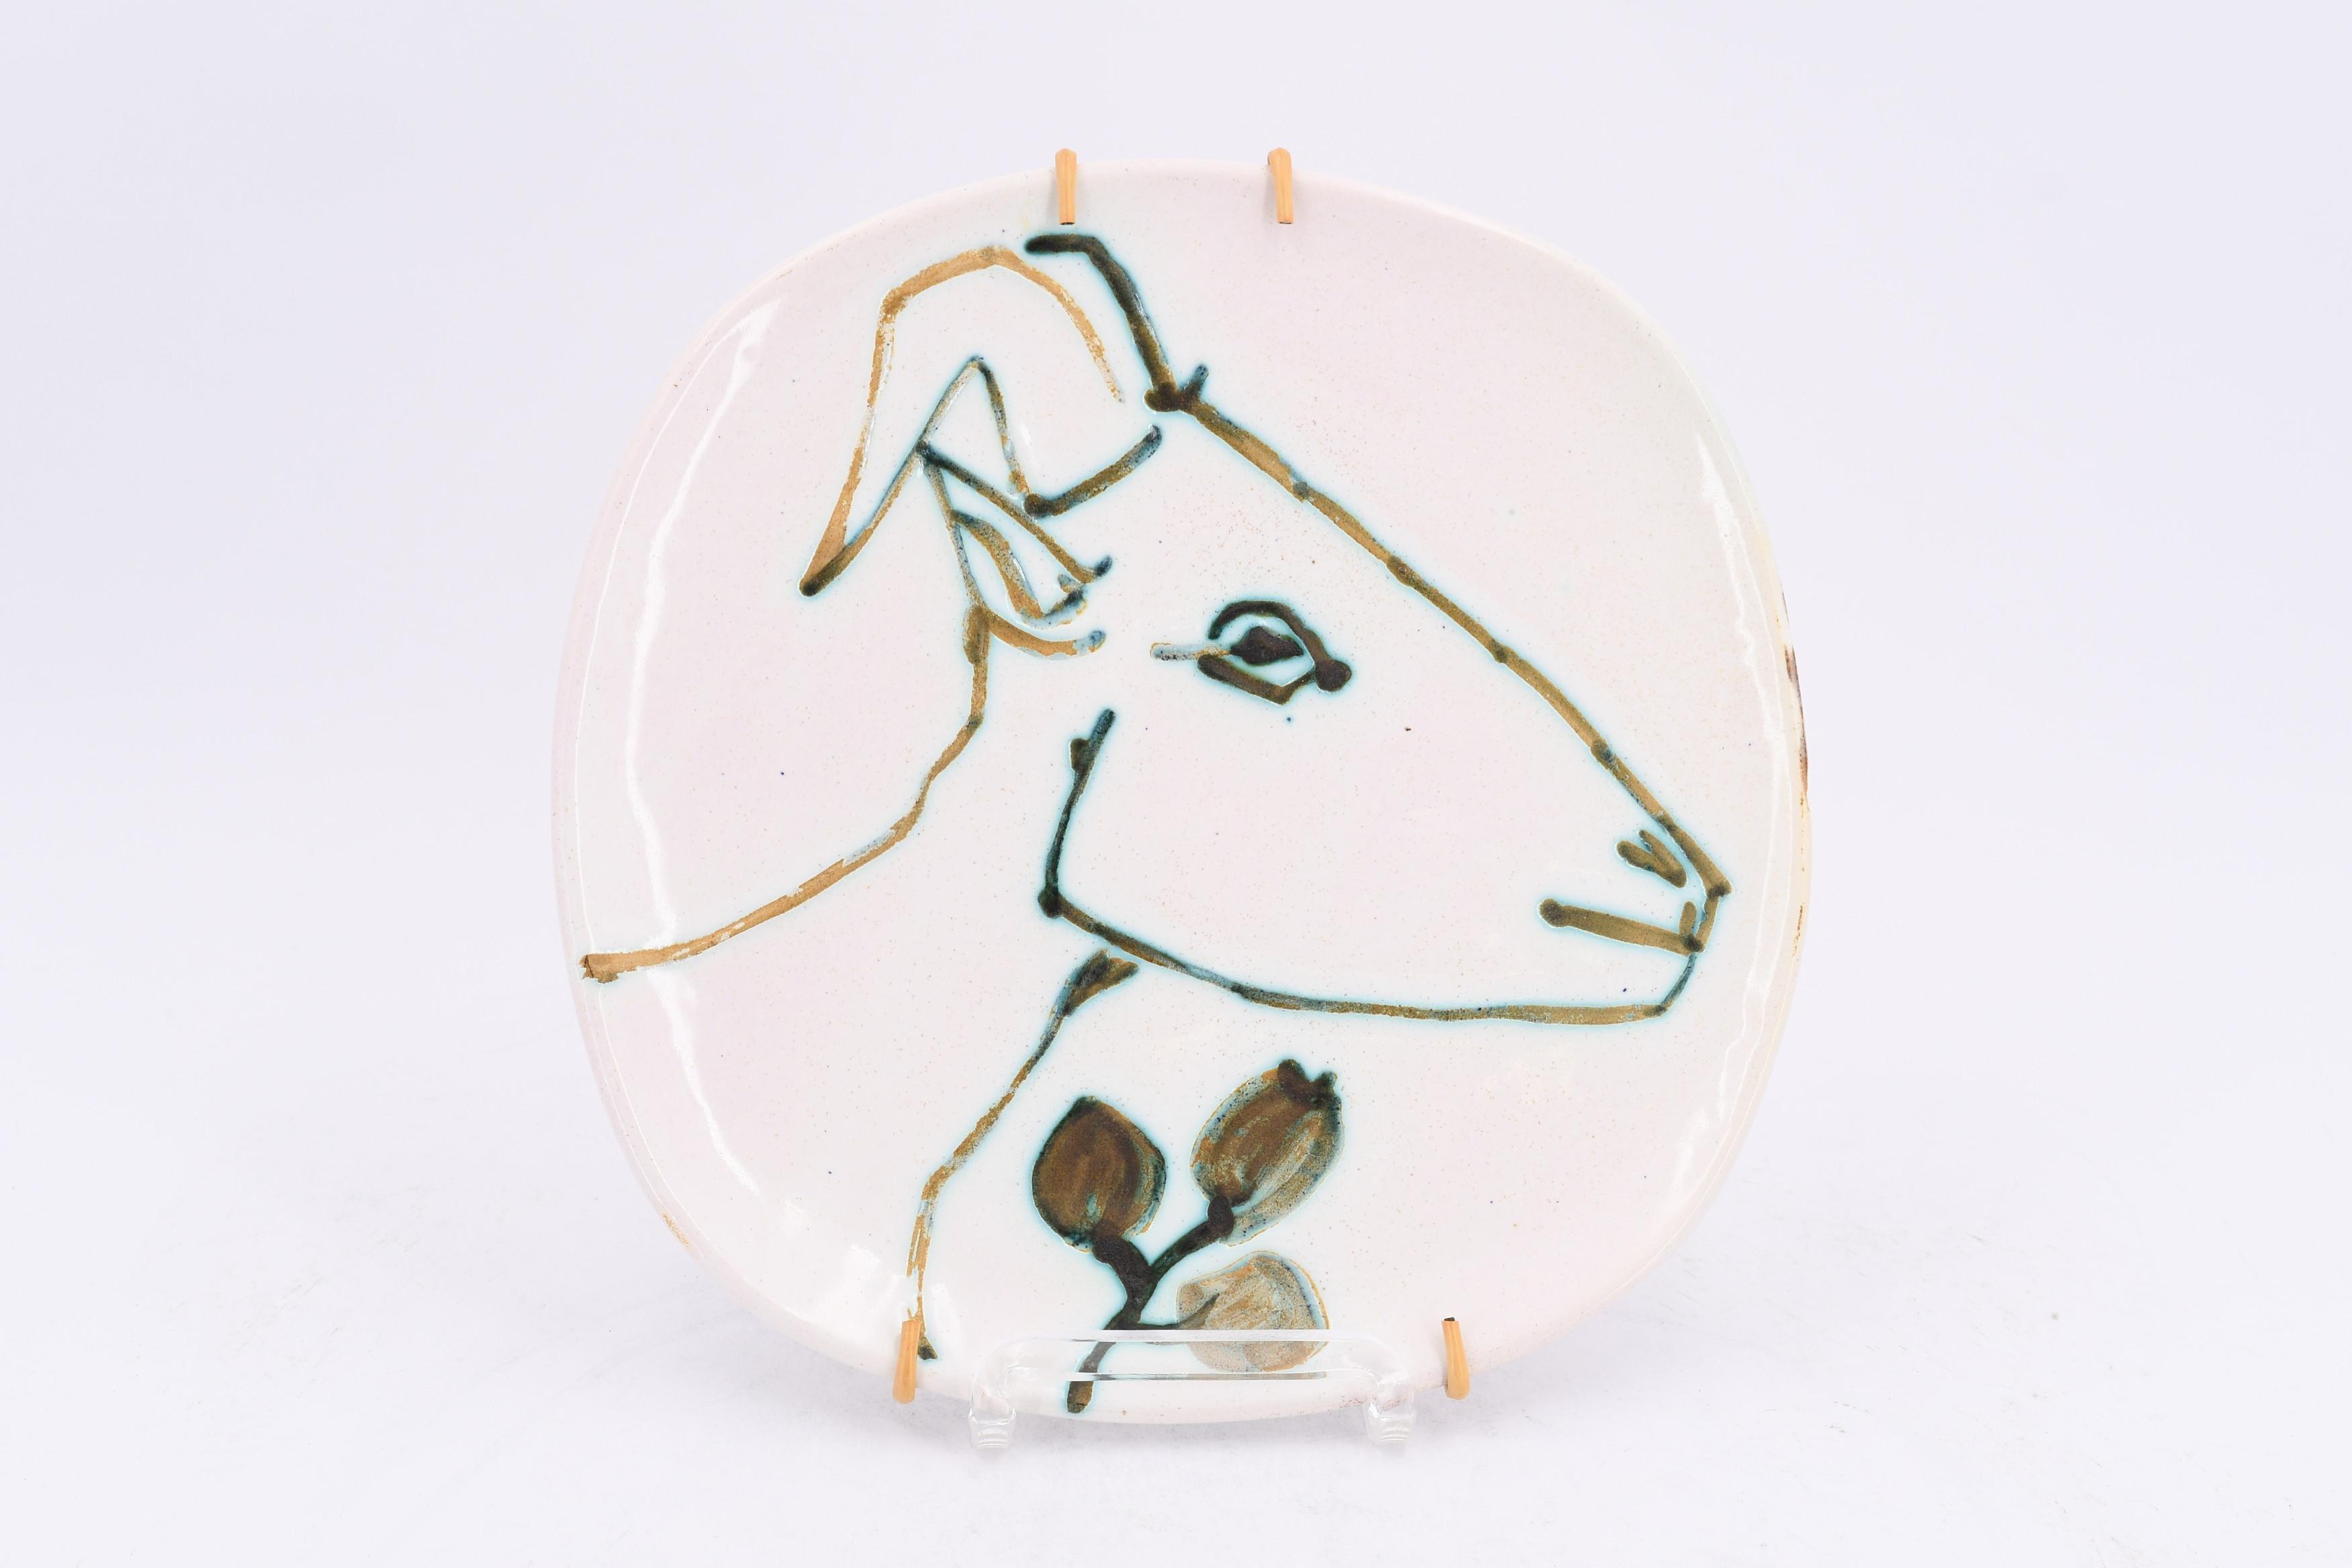 Tête de chèvre de profile, Pablo Picasso, Plate, ceramic, earthenware, sculpture